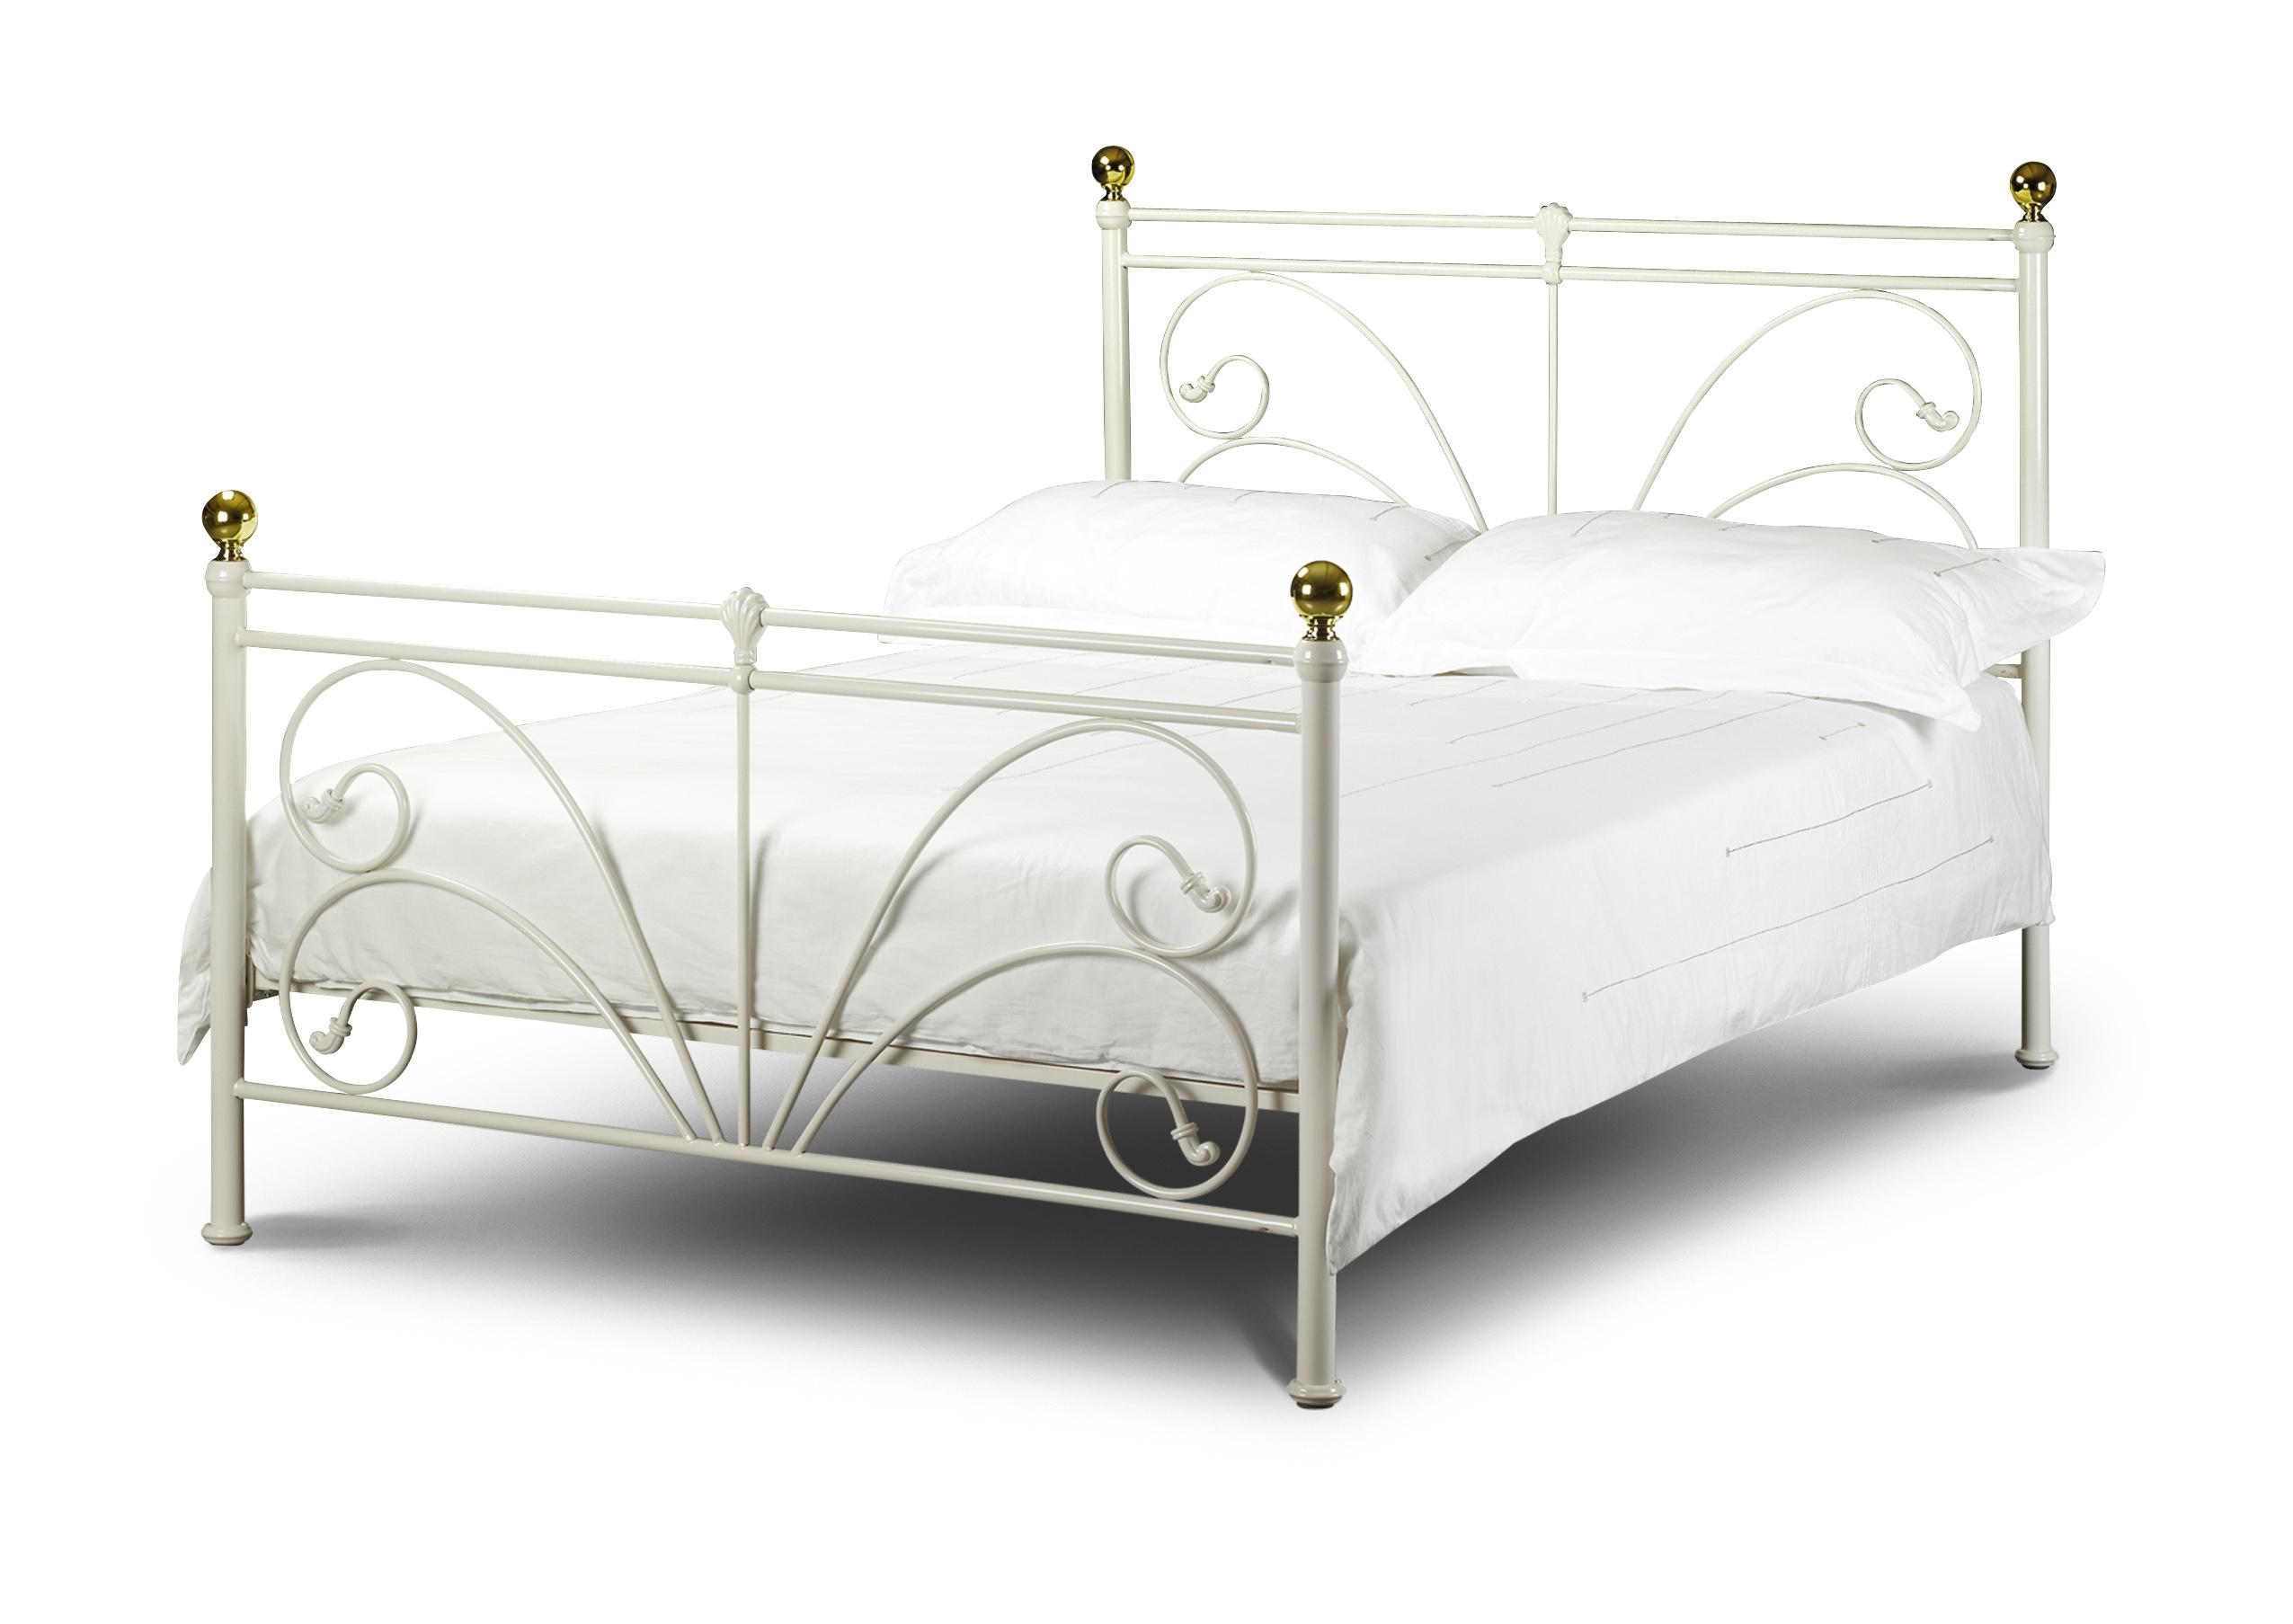 Cadiz Double Bed